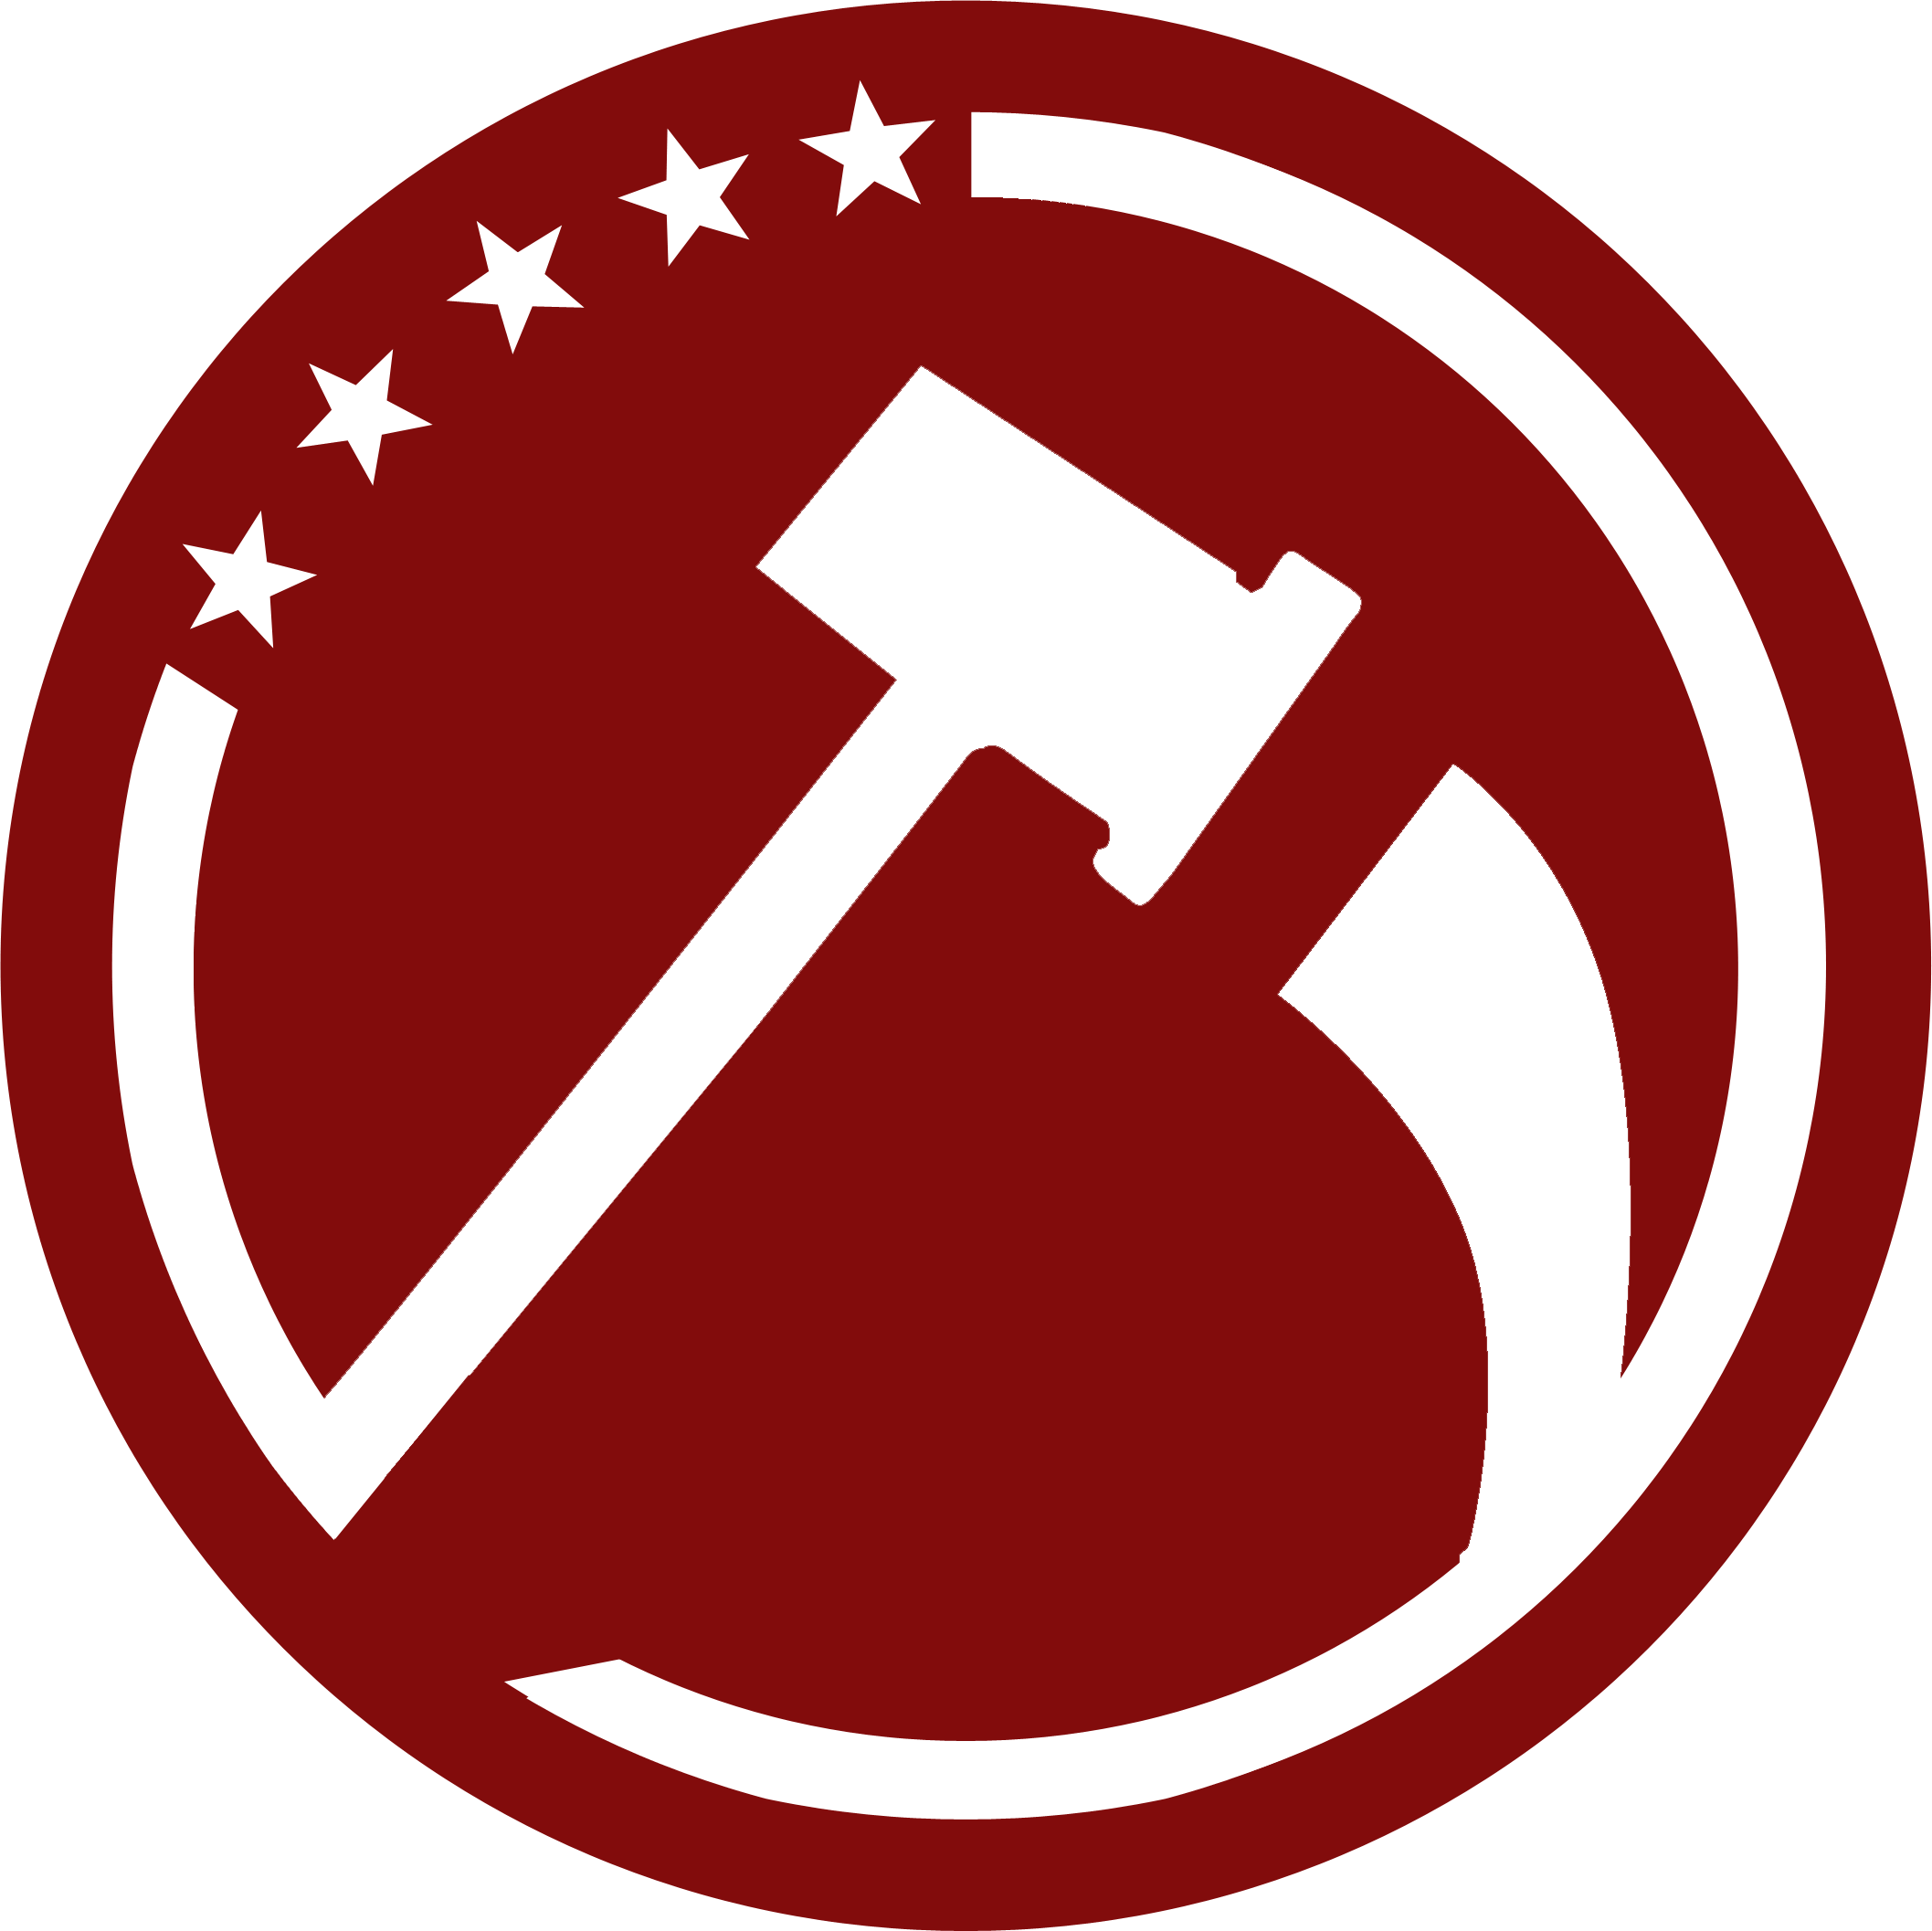 logo 标识 标志 设计 矢量 矢量图 素材 图标 2115_2114